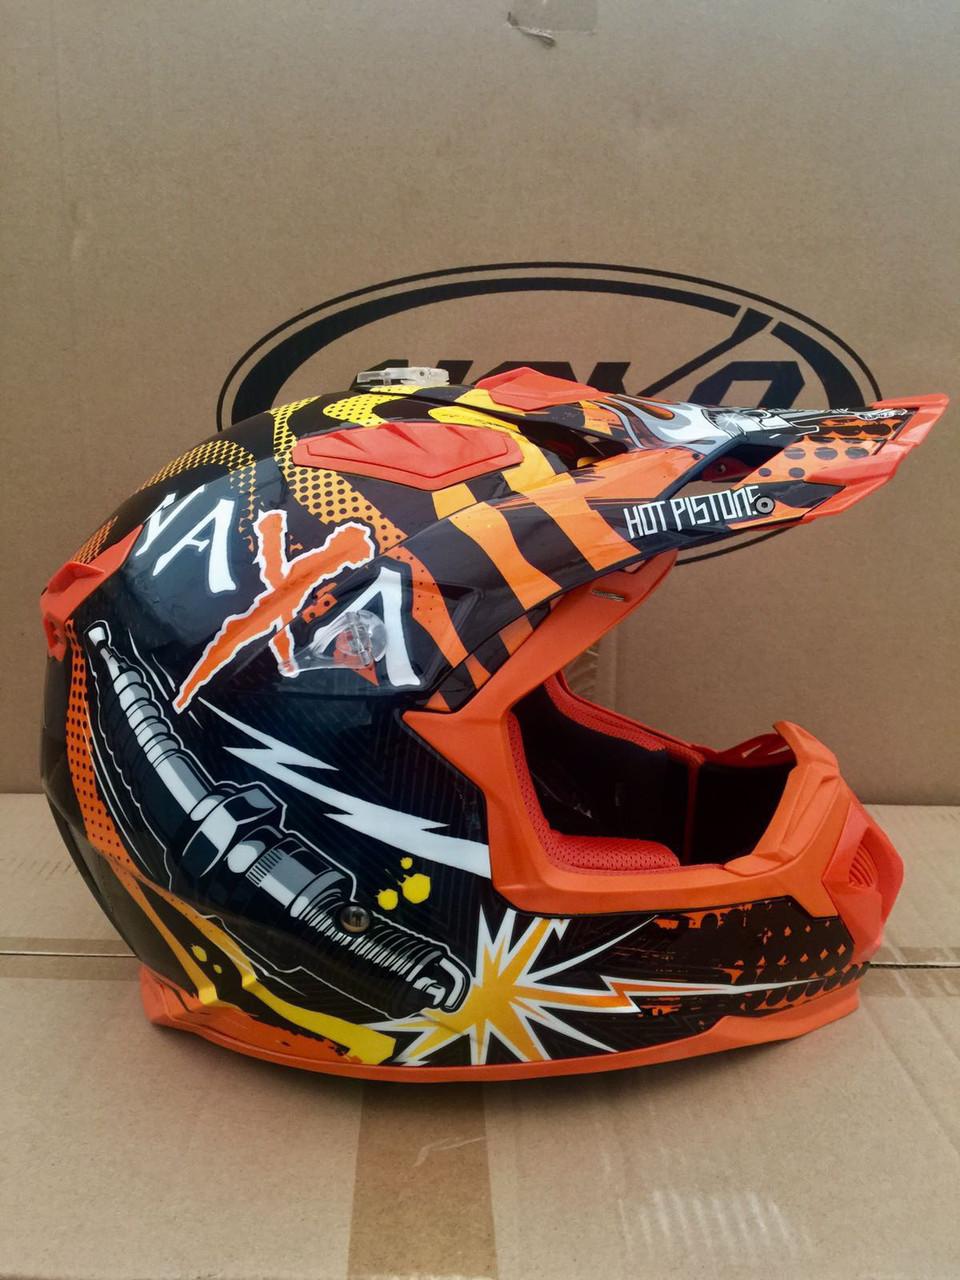 Мото кроссовый шлем Naxa (Испания) черно-оранжевый